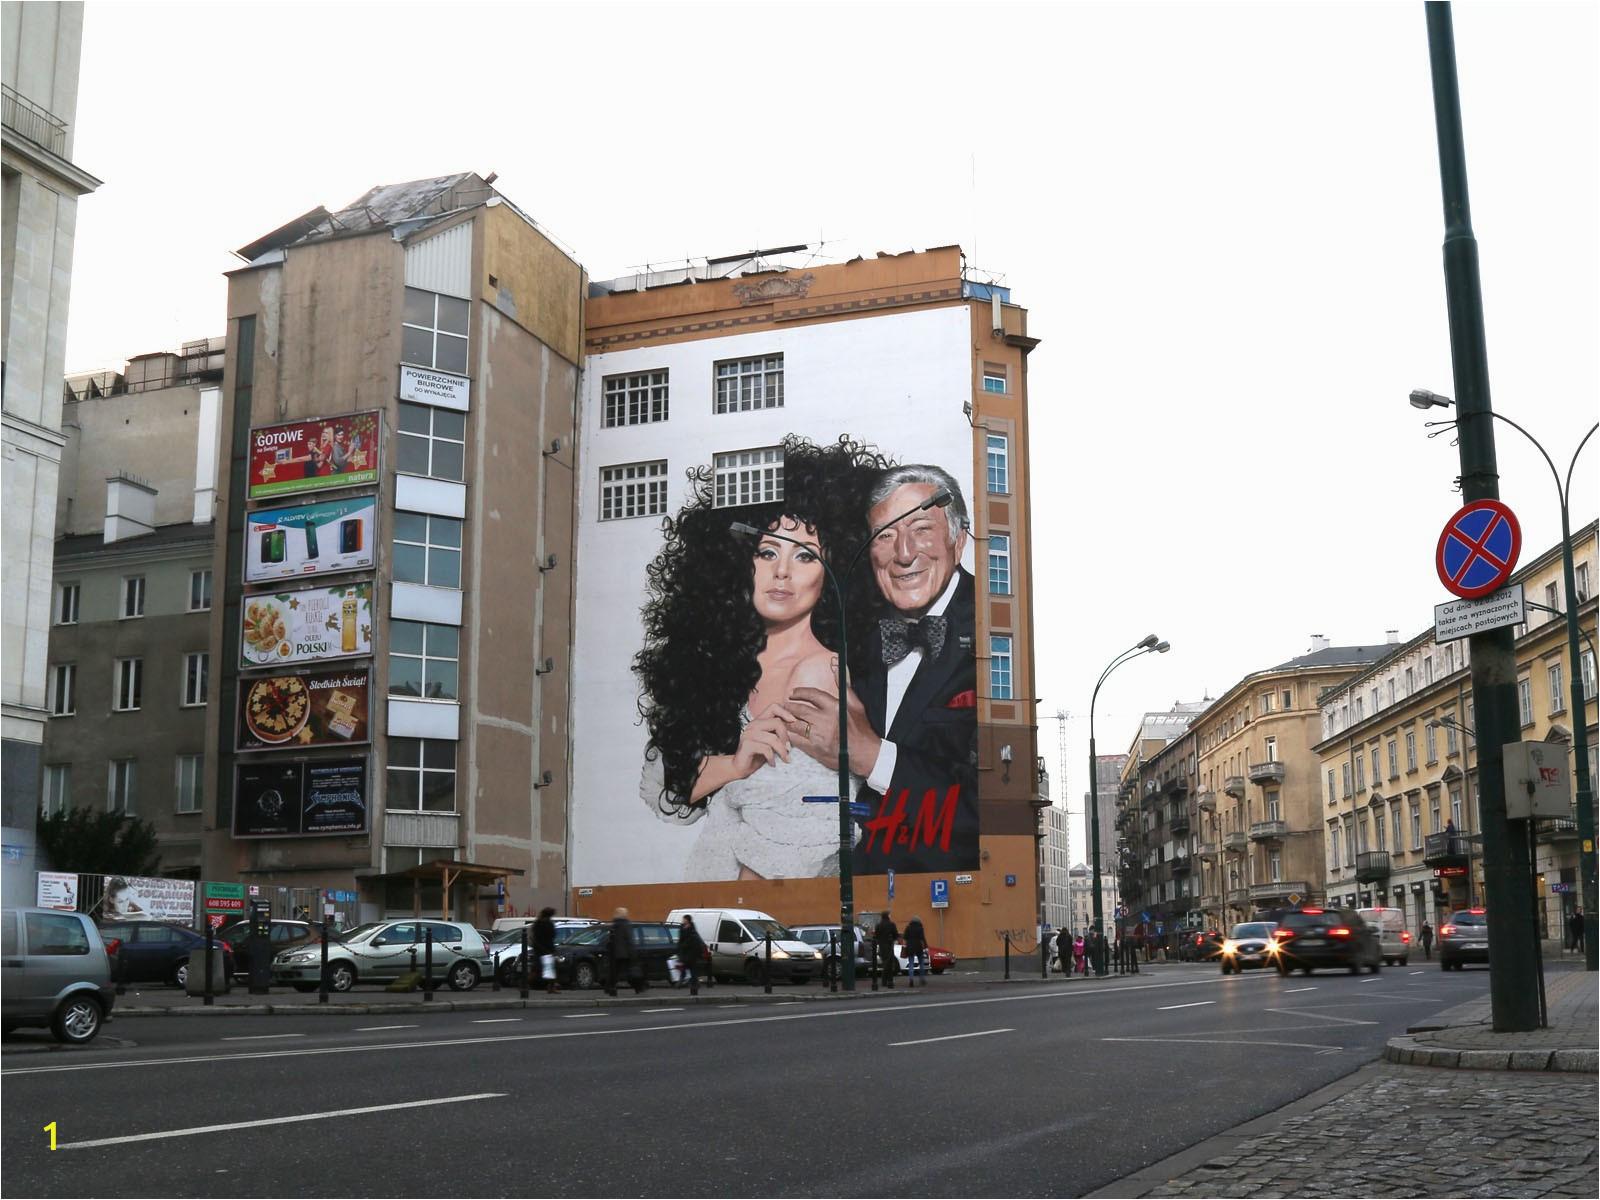 HM Lady Gaga Tony Bennett Mural sciana Bracka w Warszawie auto 1600x3000